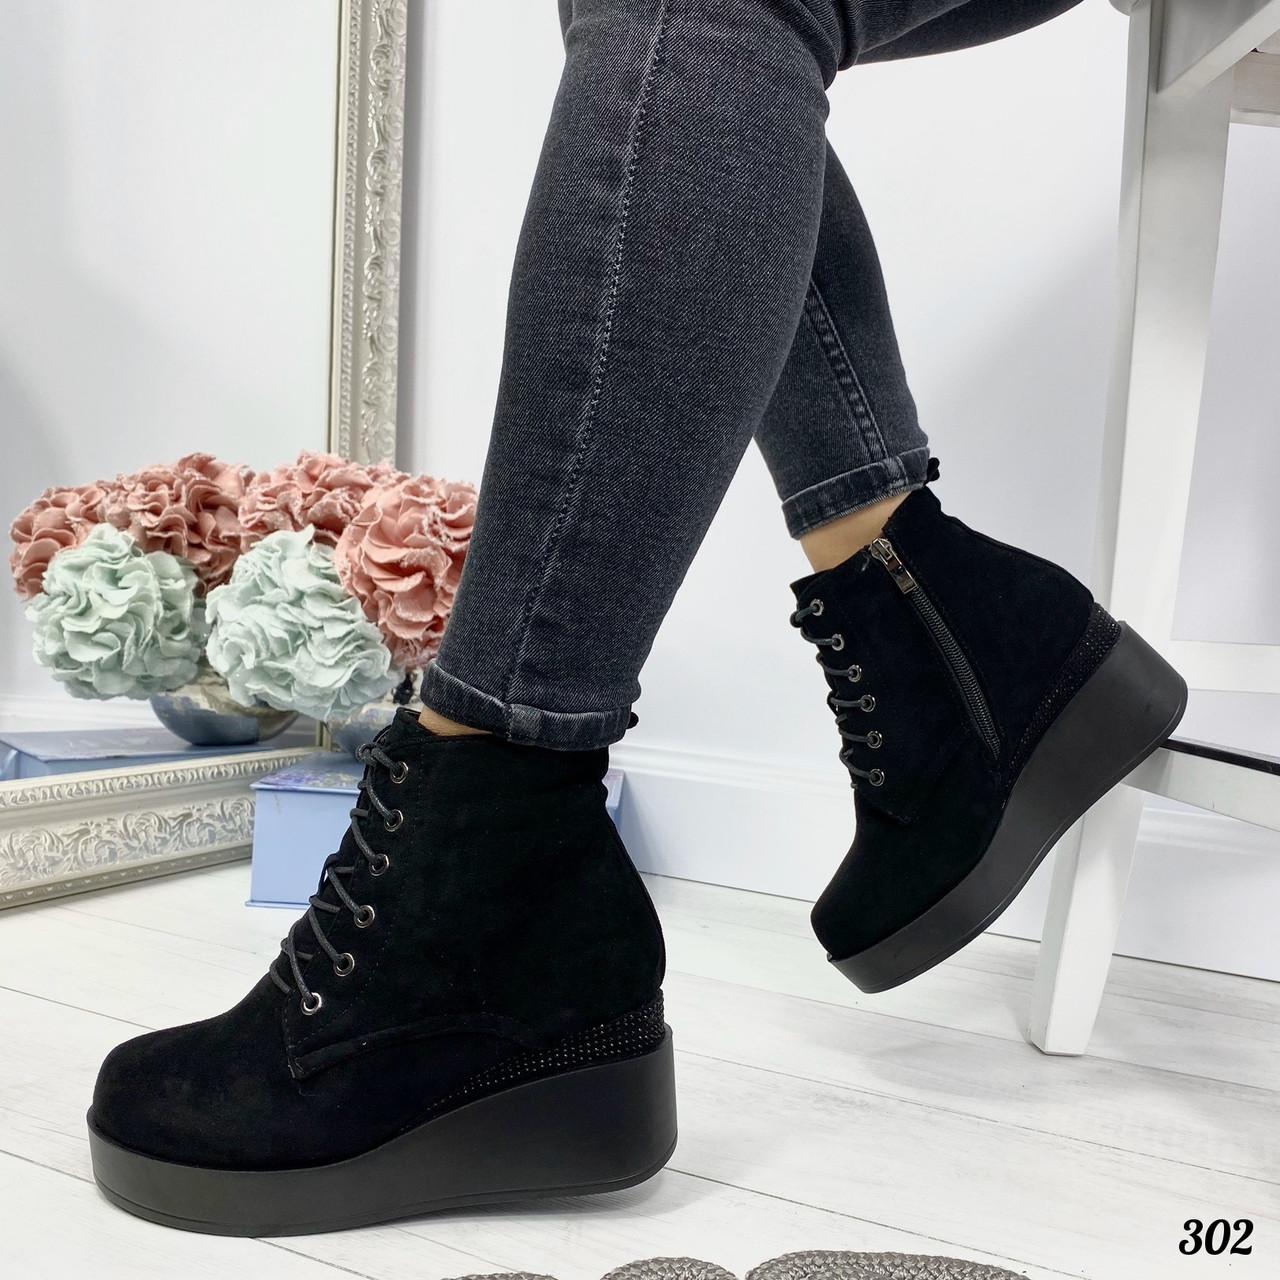 Ботинки Lаdy Fashion на танкетке сбоку камешки